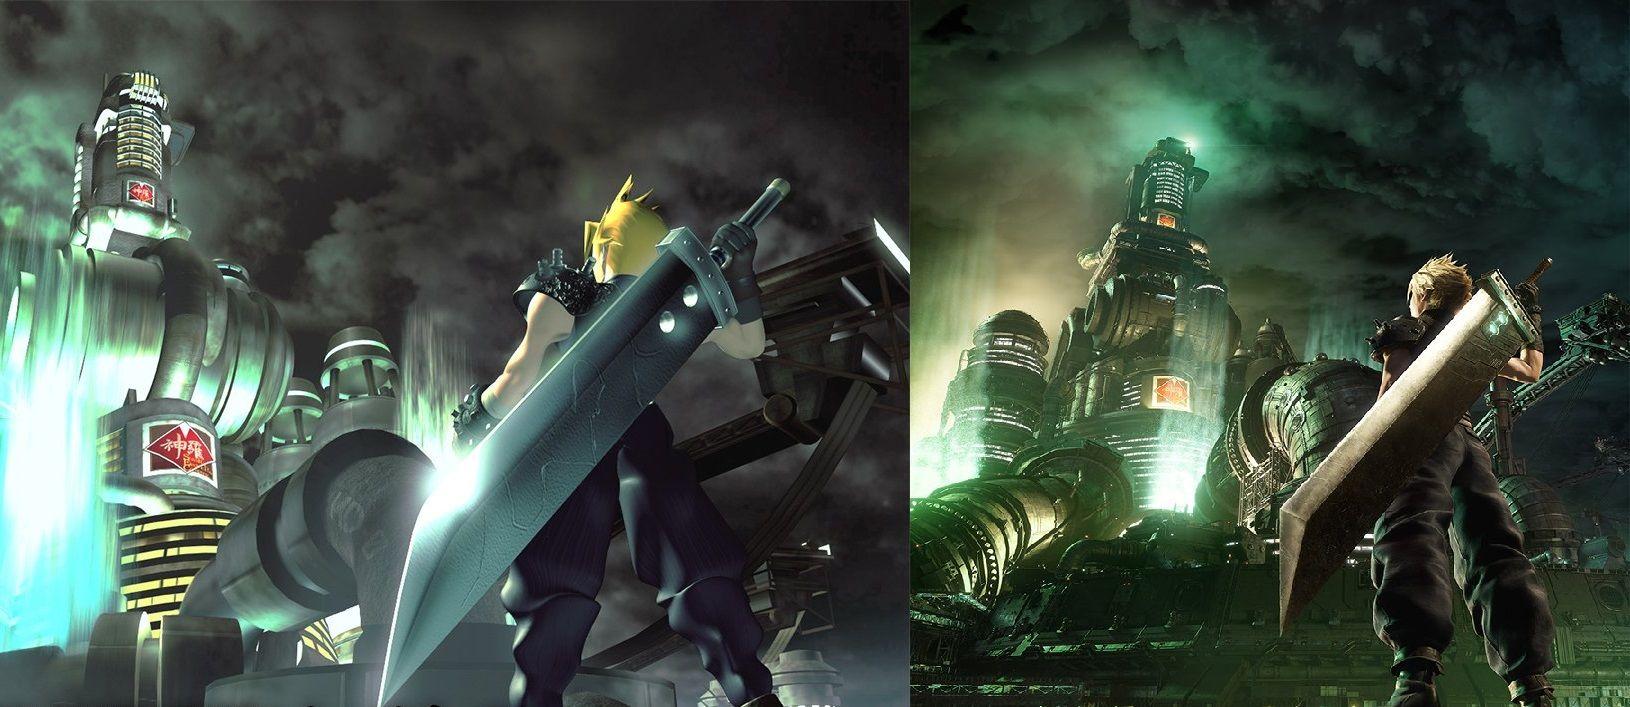 İkonik poster Final Fantasy VII Remake için yeniden yapıldı